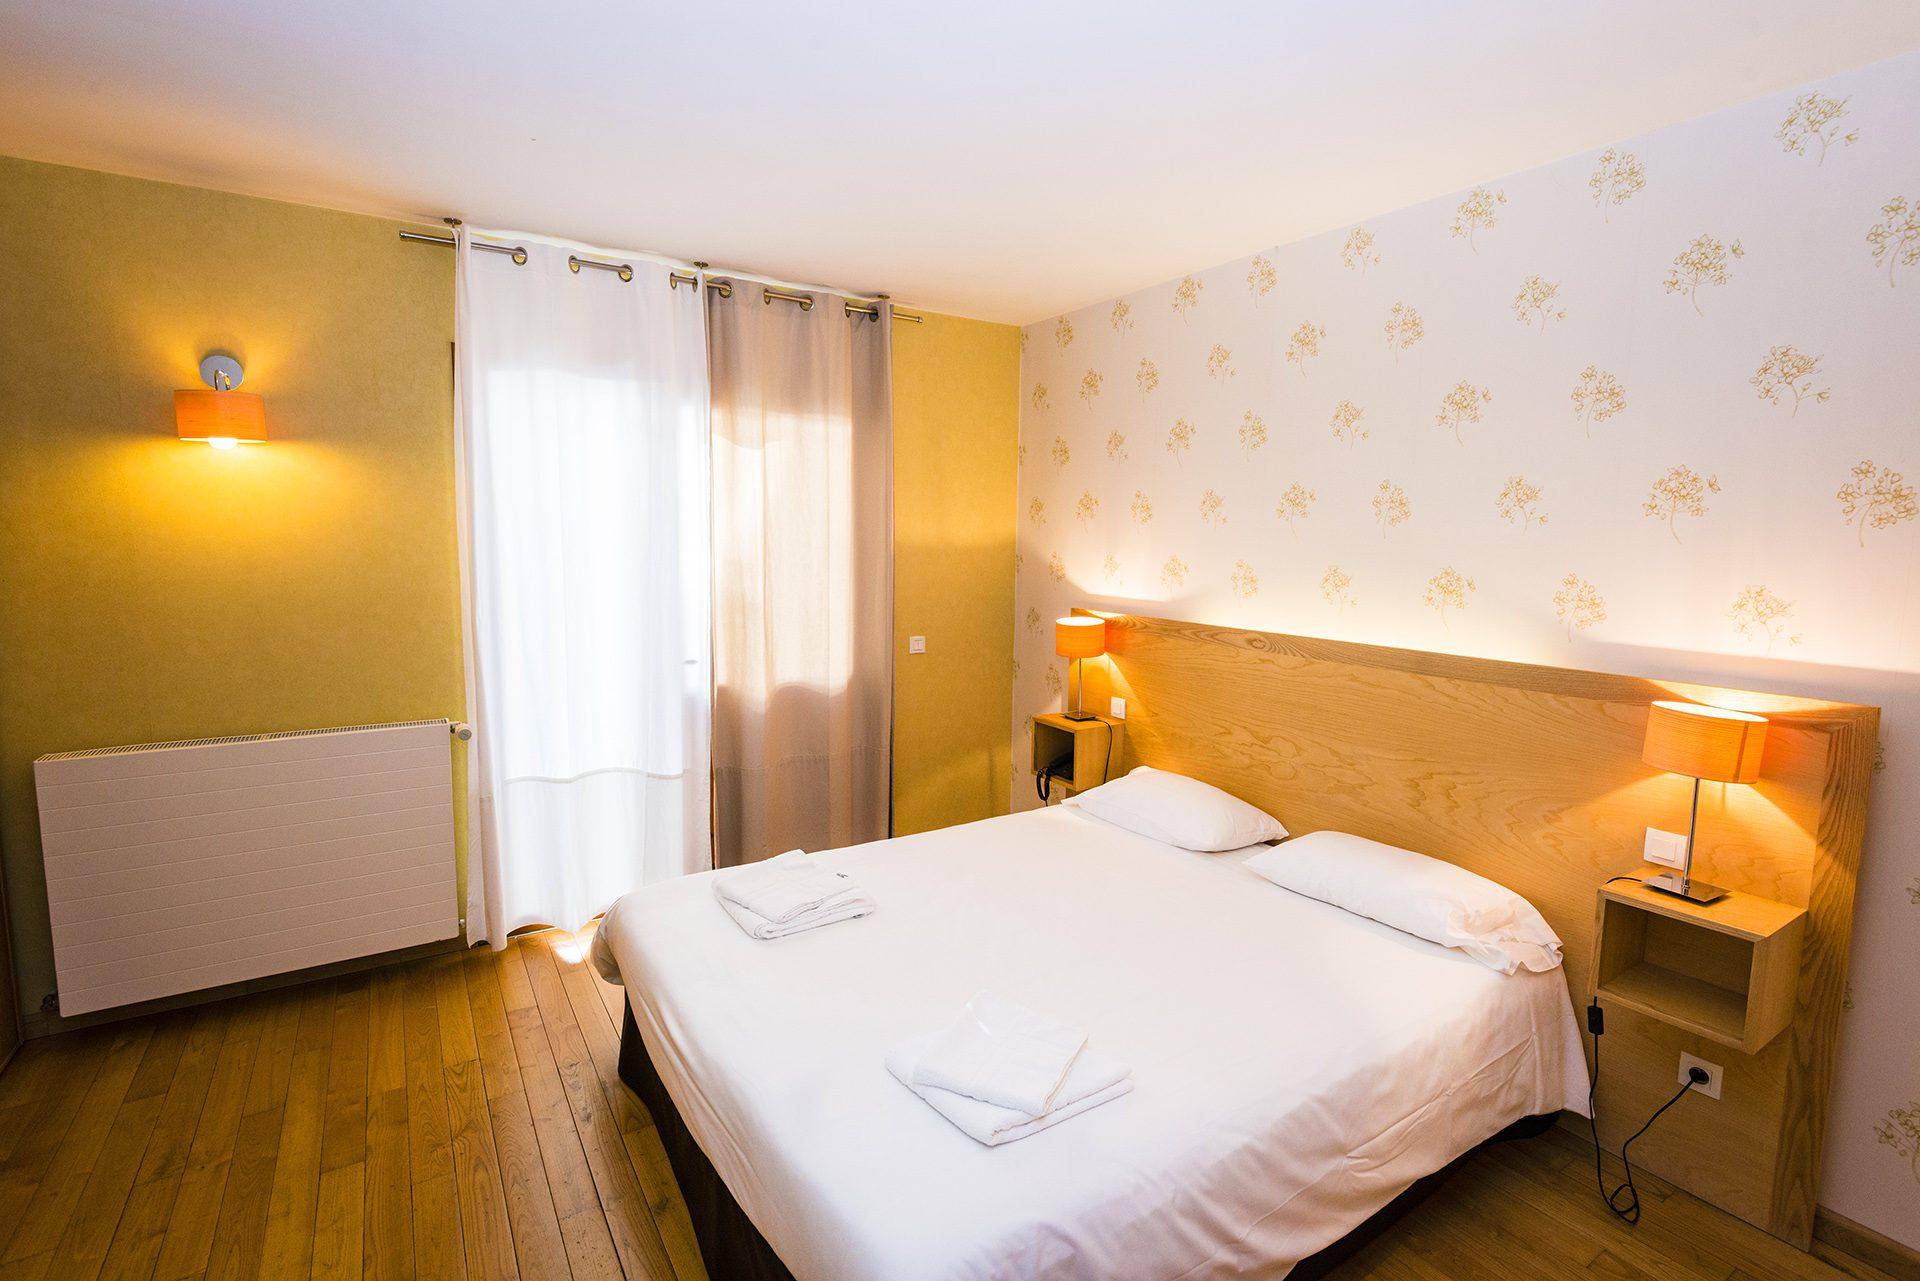 Chambre Prestige - Hôtel *** Le Chalet à Ax les Thermes en Ariège Pyrénées